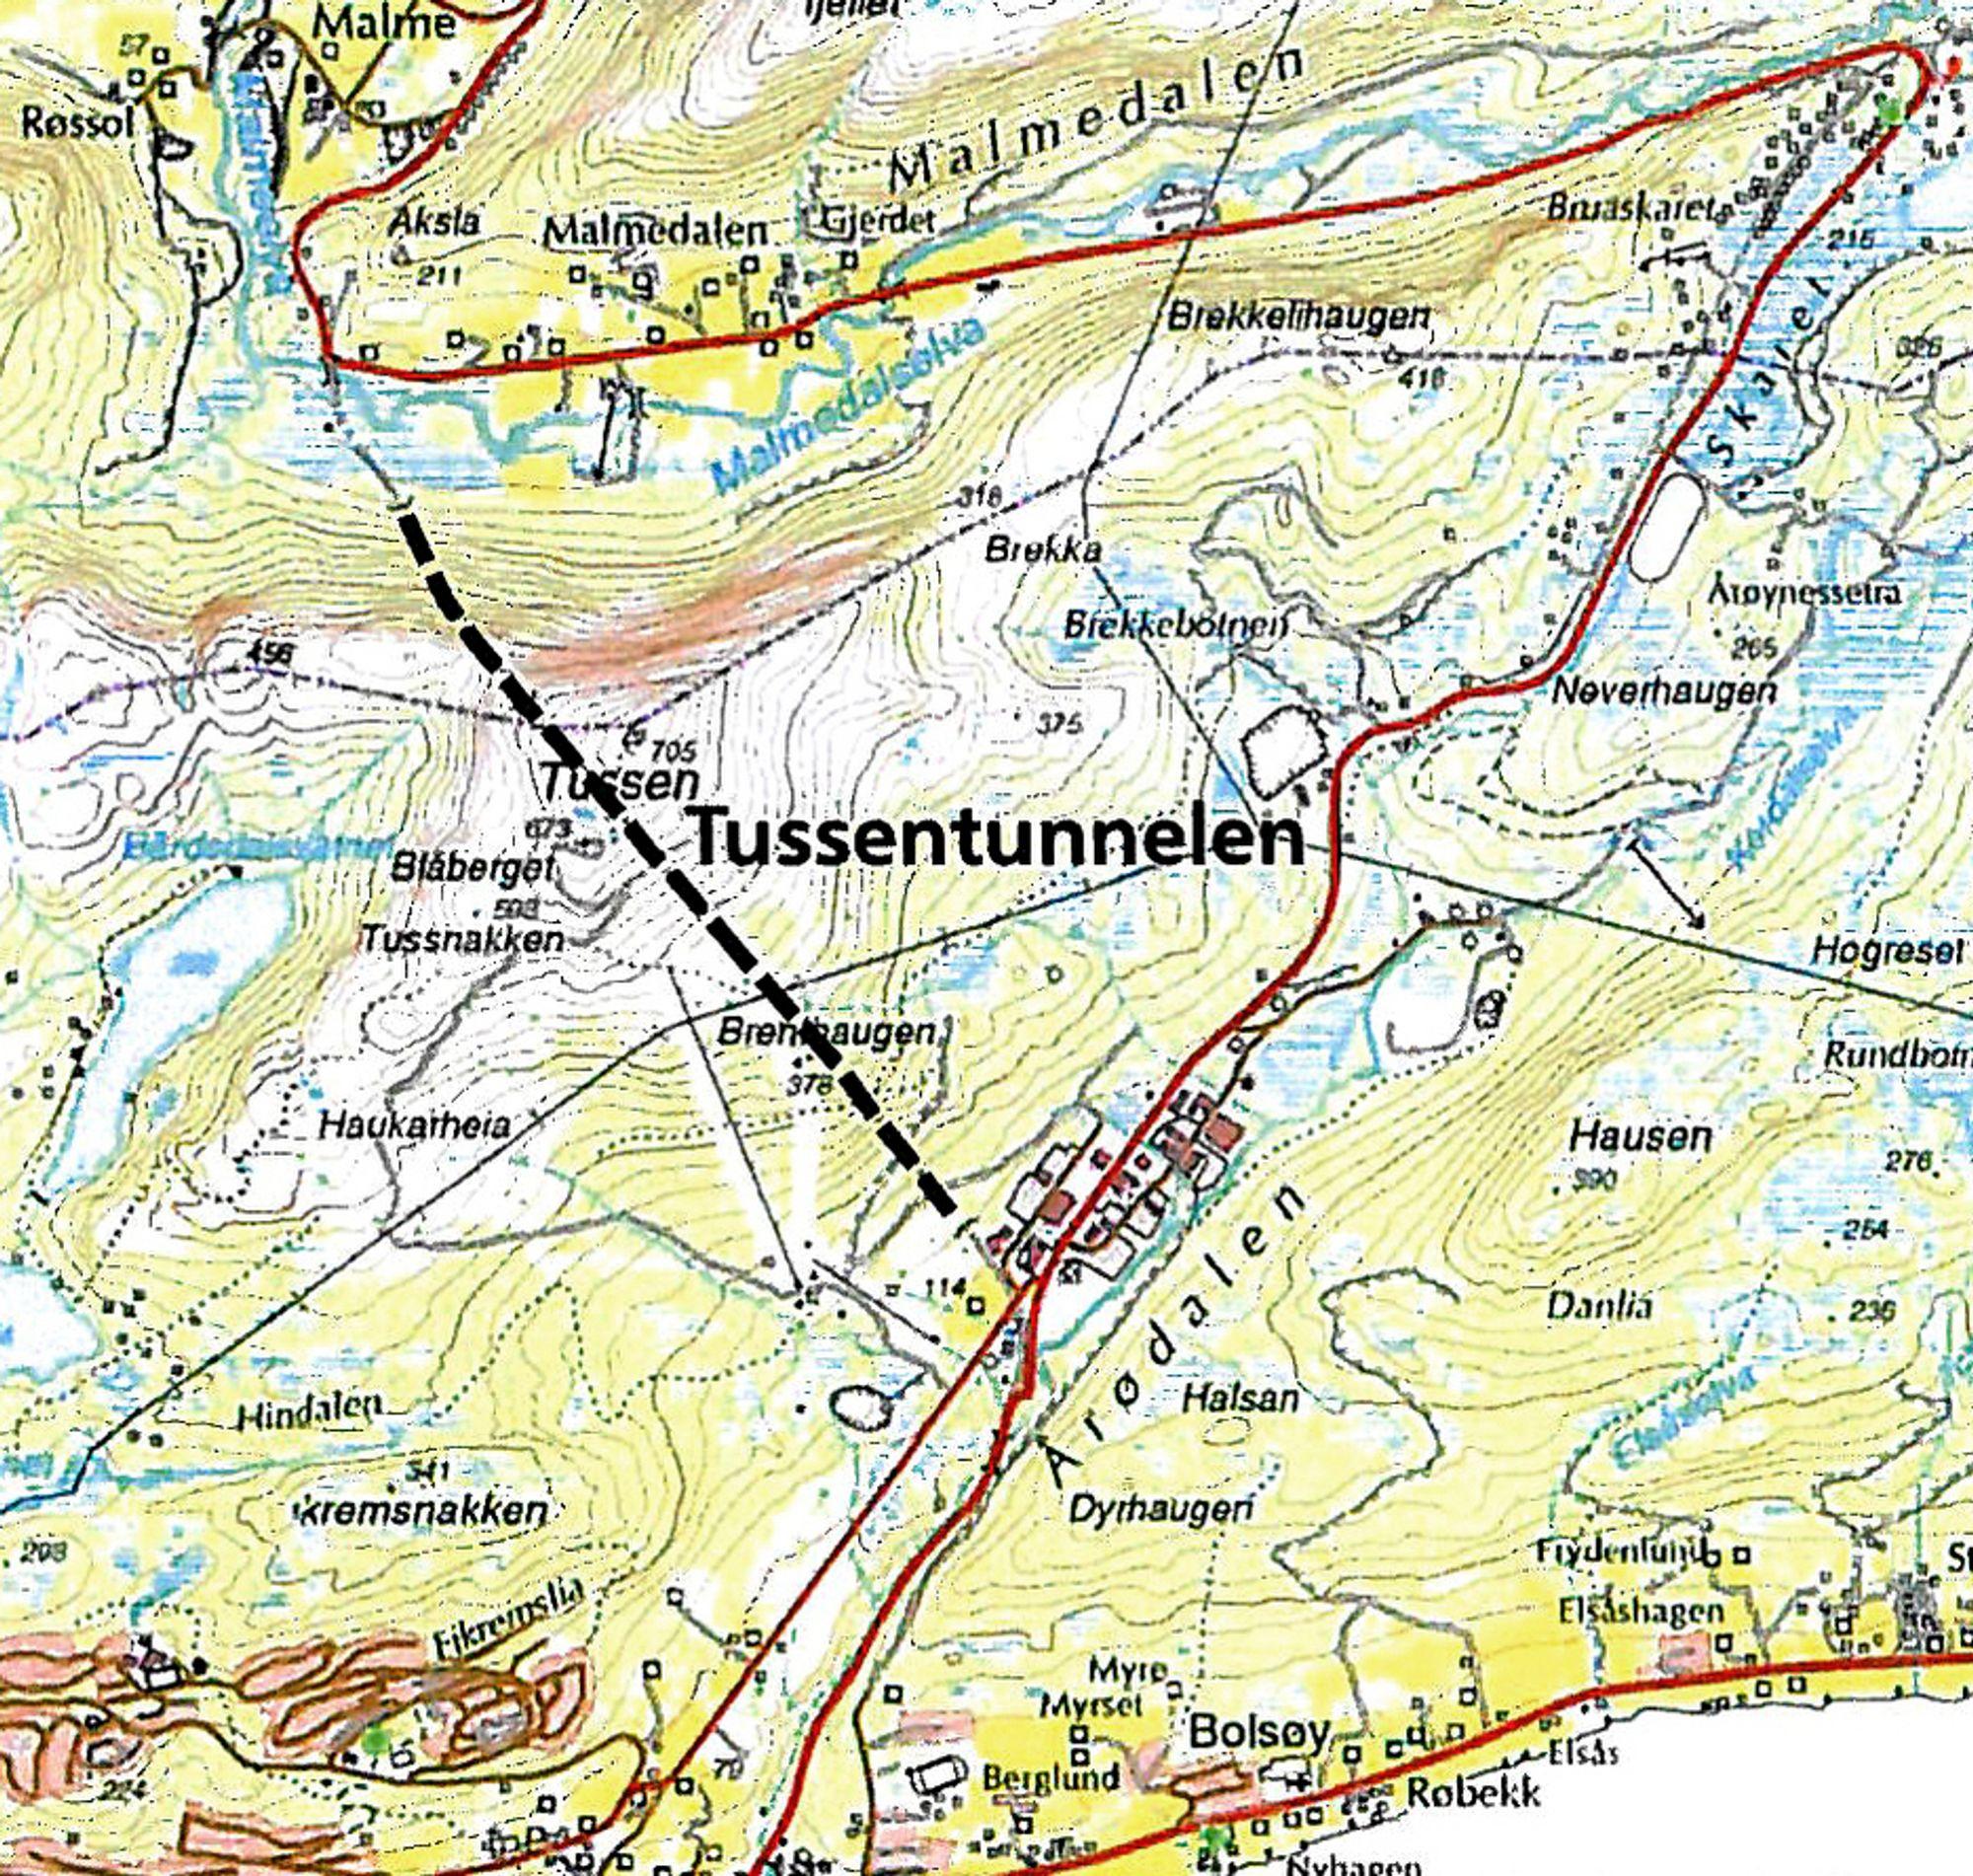 19 år etter at den ble åpnet, blir Tussentunnelen rehabilitert. Først når den jobben er gjort, er Vegvesenet villig til overta den.